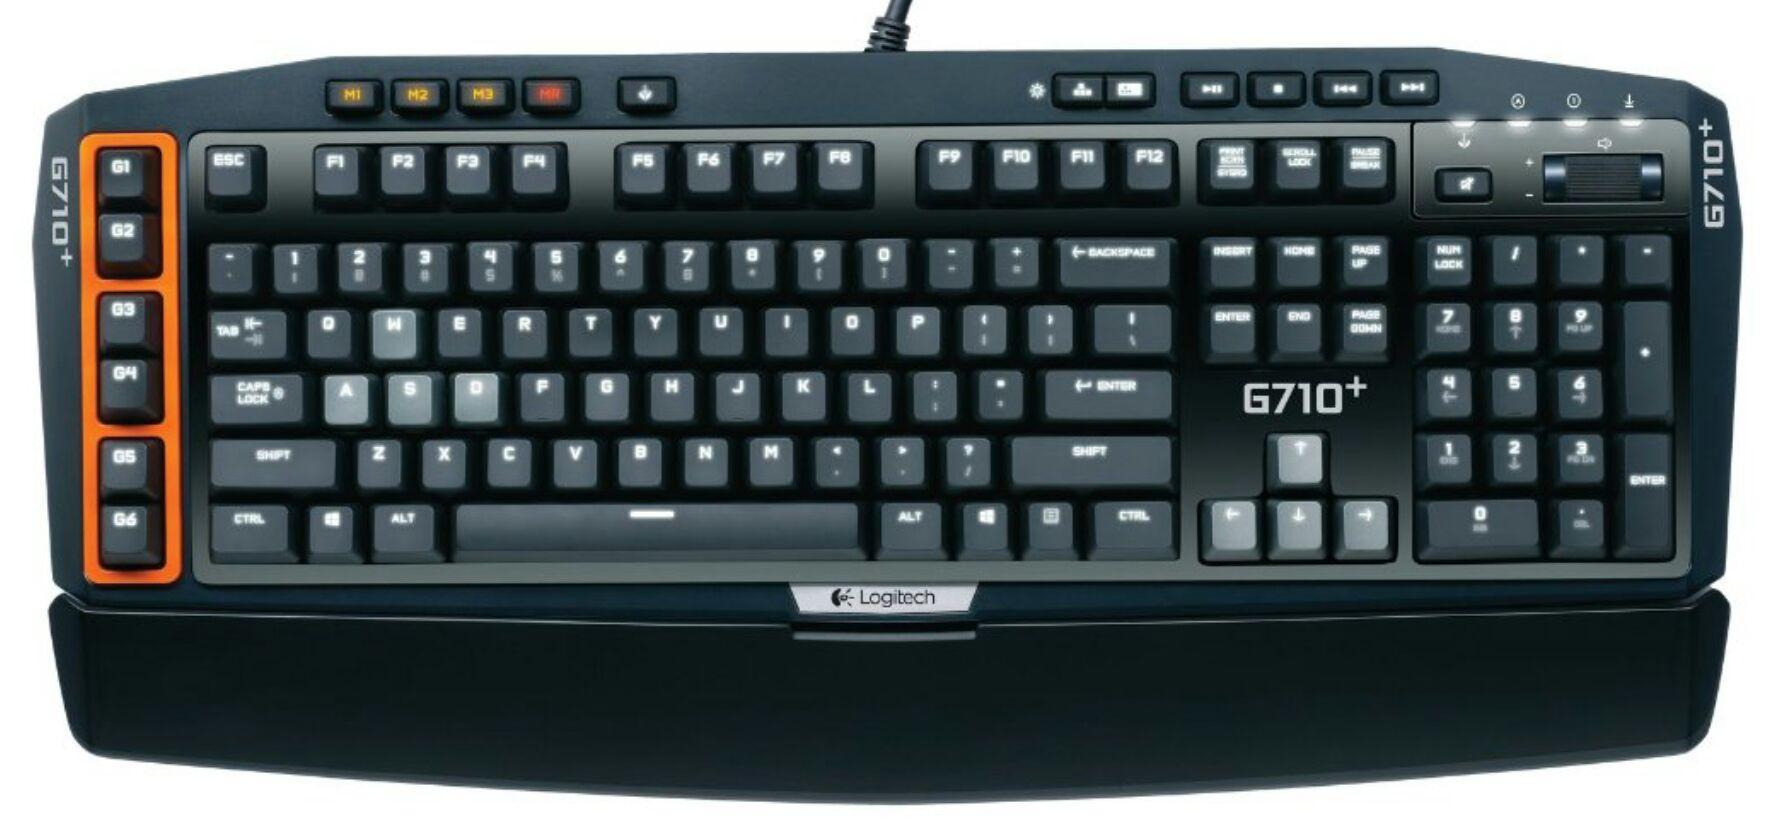 Clavier mécanique Logitech G710+